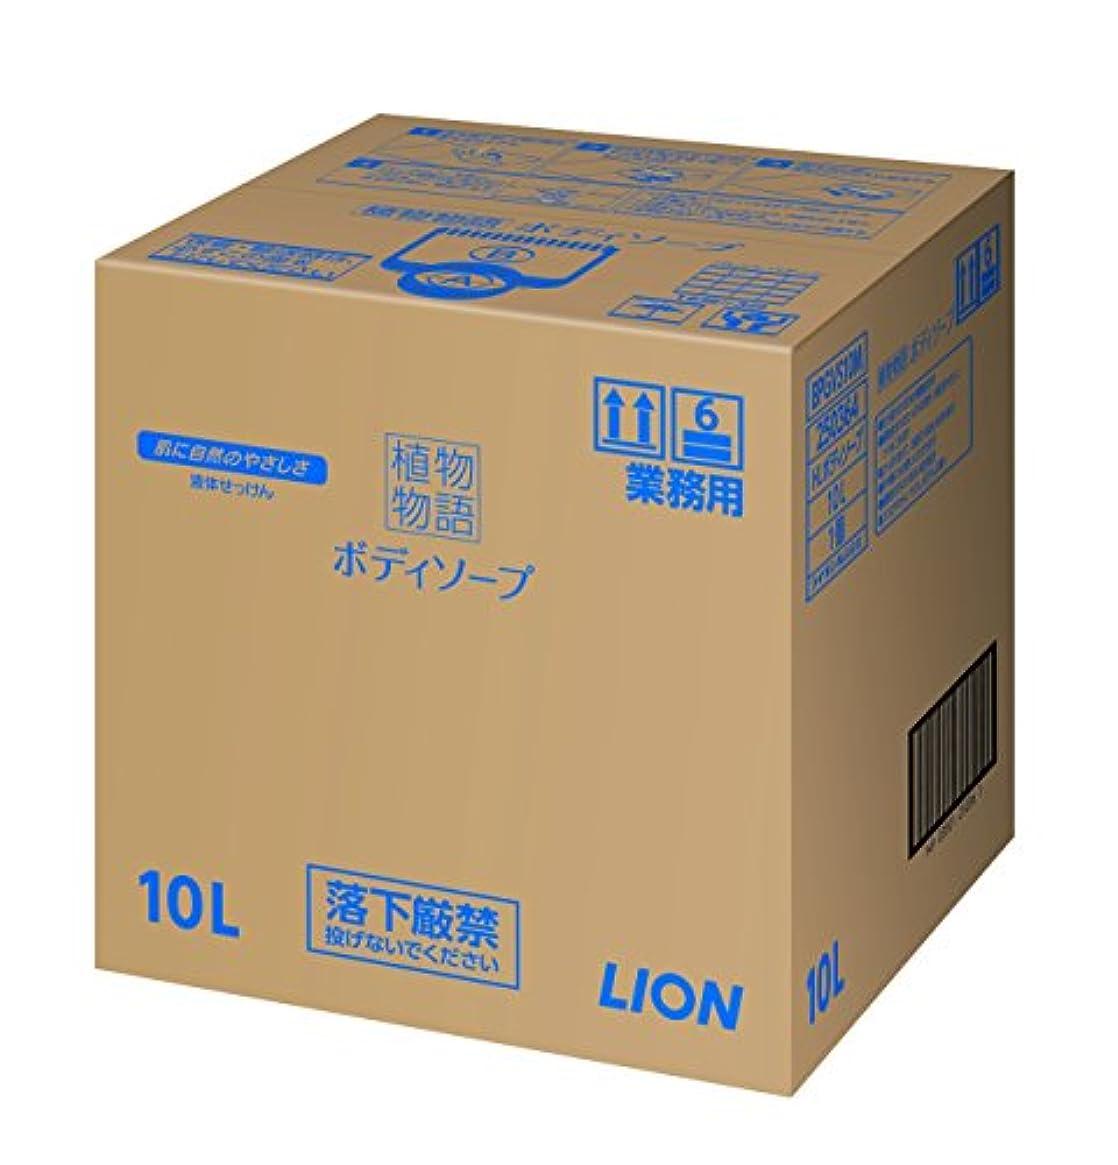 レギュラーよろしくトレイ【大容量】植物物語ボディソープ10L